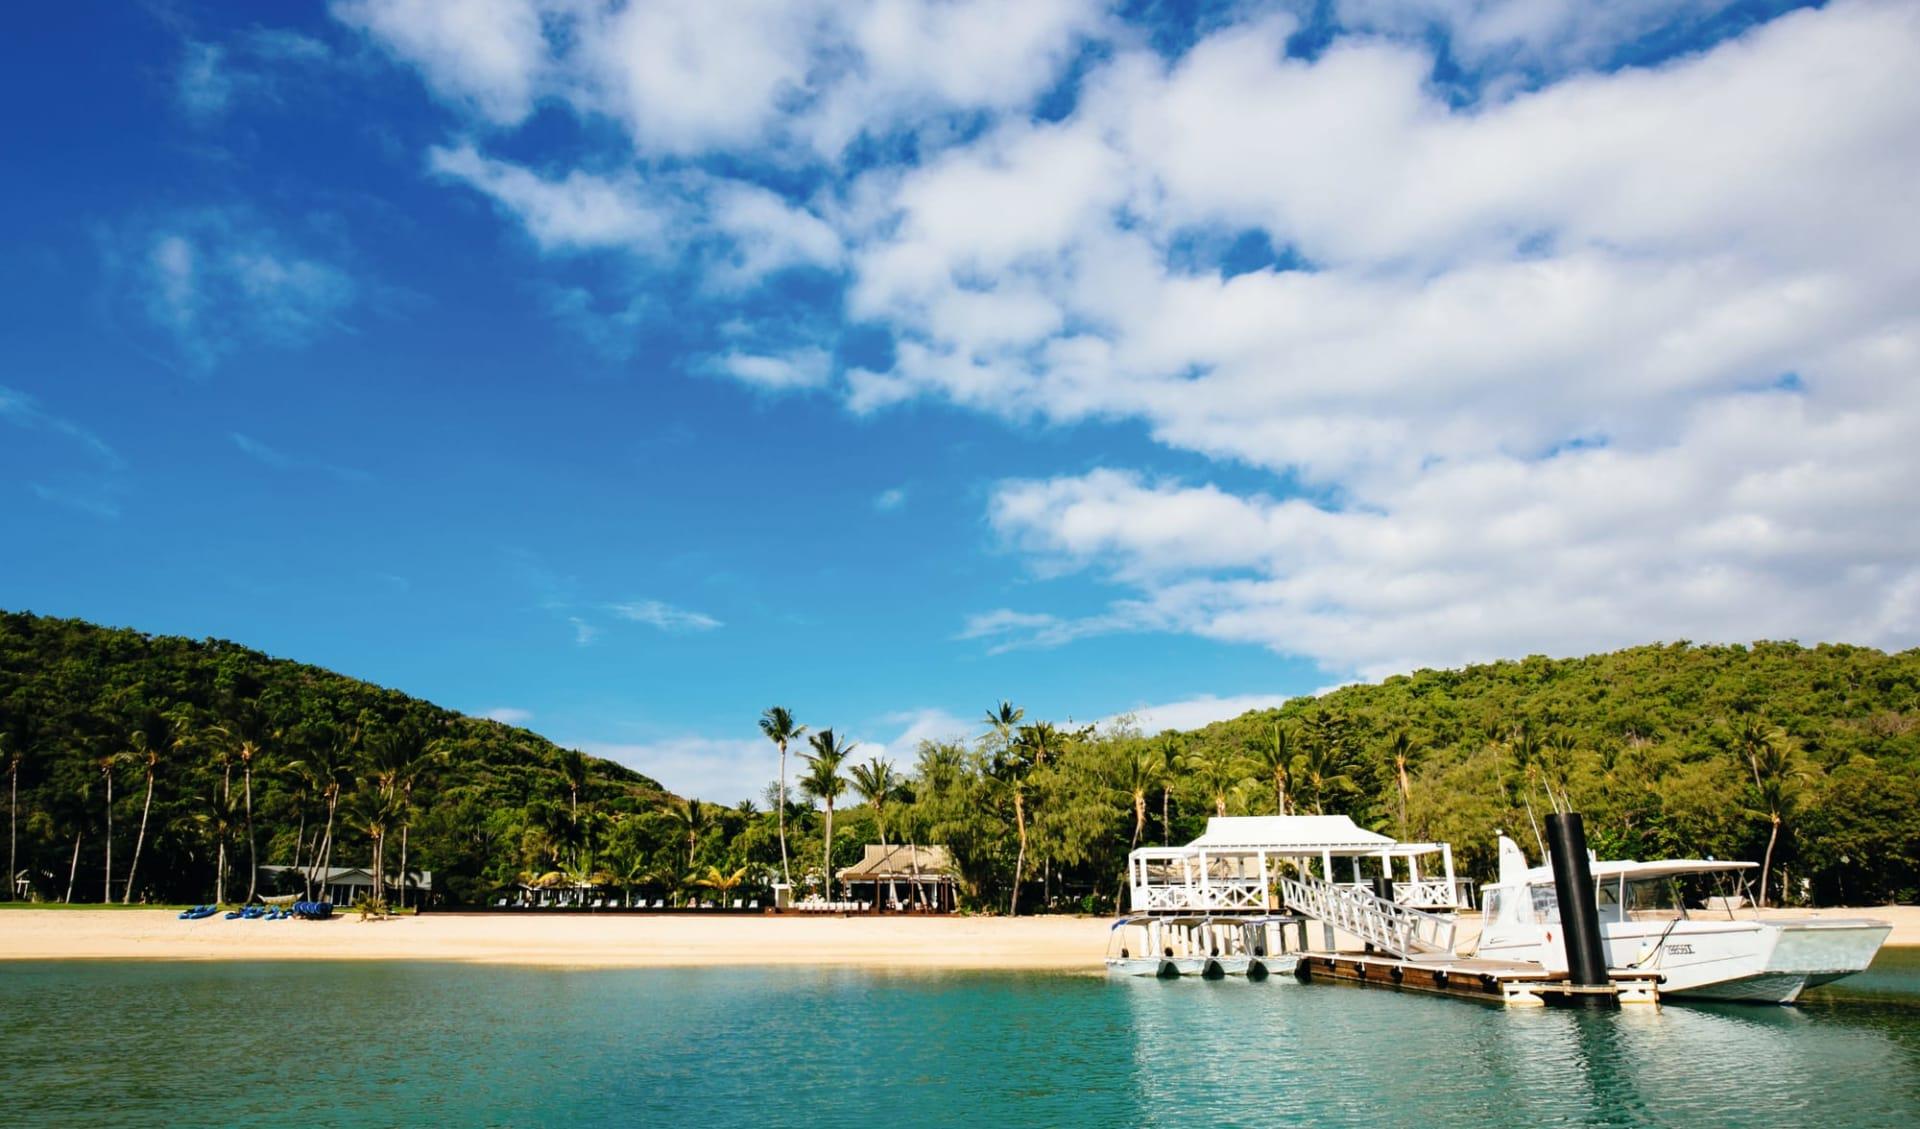 Orpheus Island: Natur Orpheus Island Resort Queensland Australien  Sicht vom Meer aus